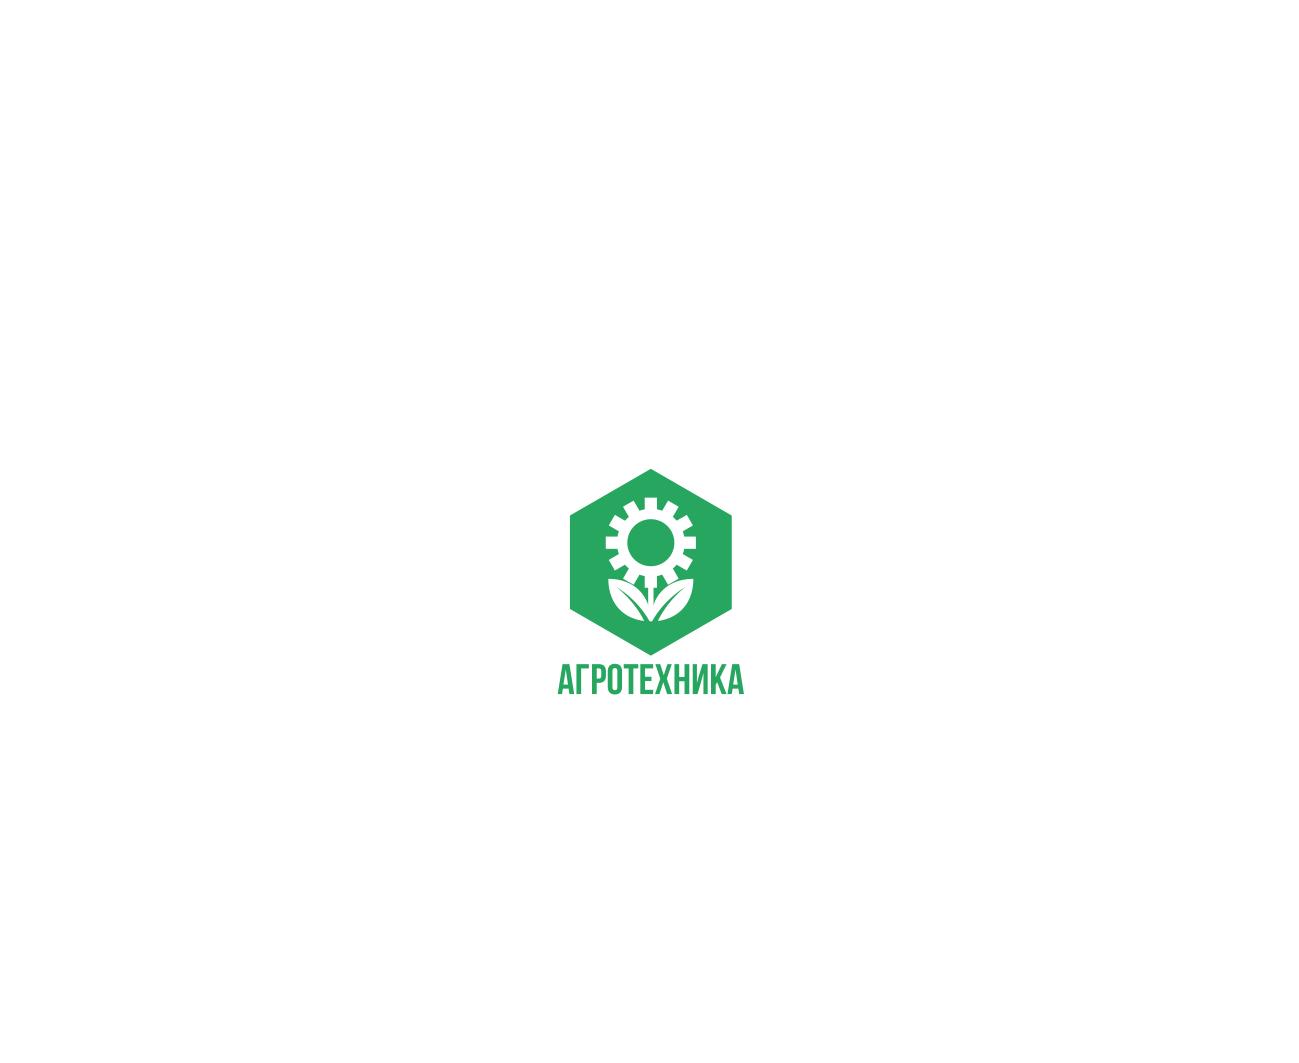 Разработка логотипа для компании Агротехника фото f_0675bff279e6507f.png